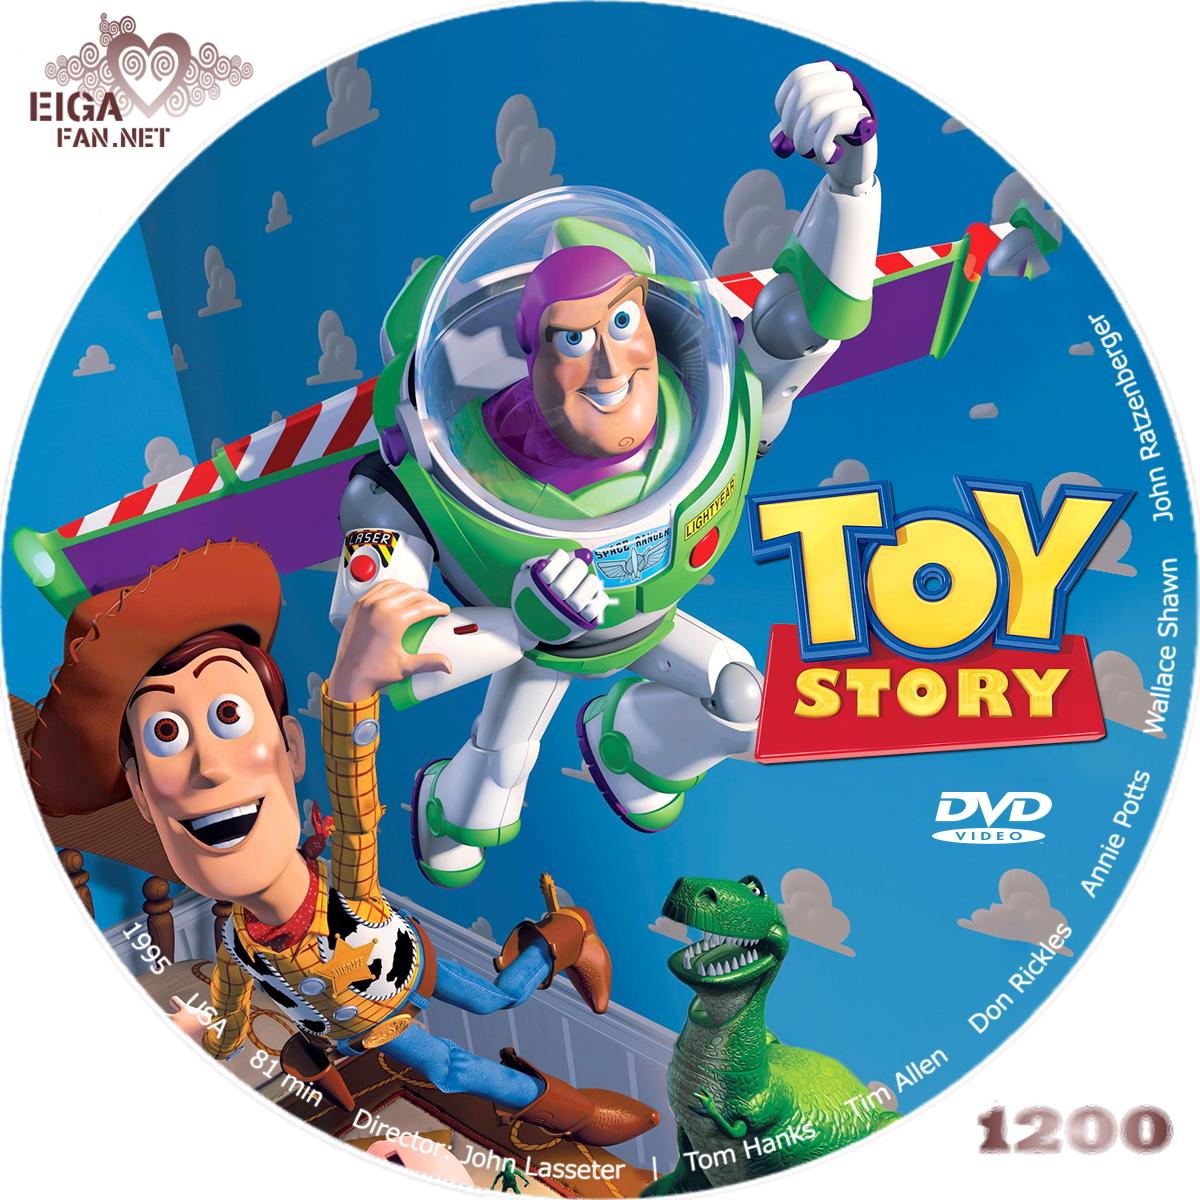 トイ・ストーリー/TOY STORY (1995)      アニメーション映画の自作DVDラベル&BDラベル      トイ・ストーリーシリーズ第1作